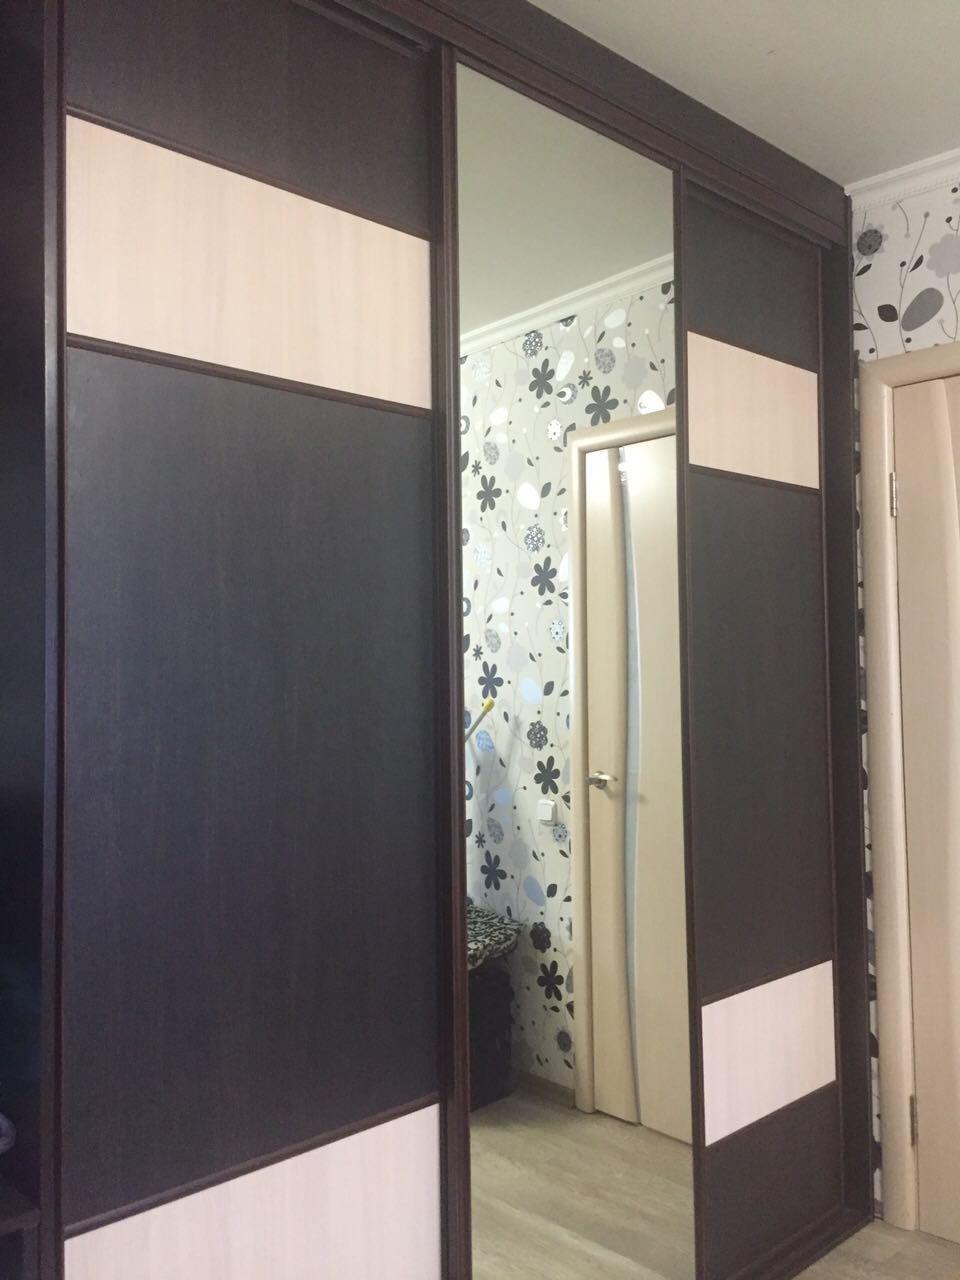 Продажа квартир: 2-комнатная квартира, Улан-Удэ, ул. Добролюбова, 3, фото 1